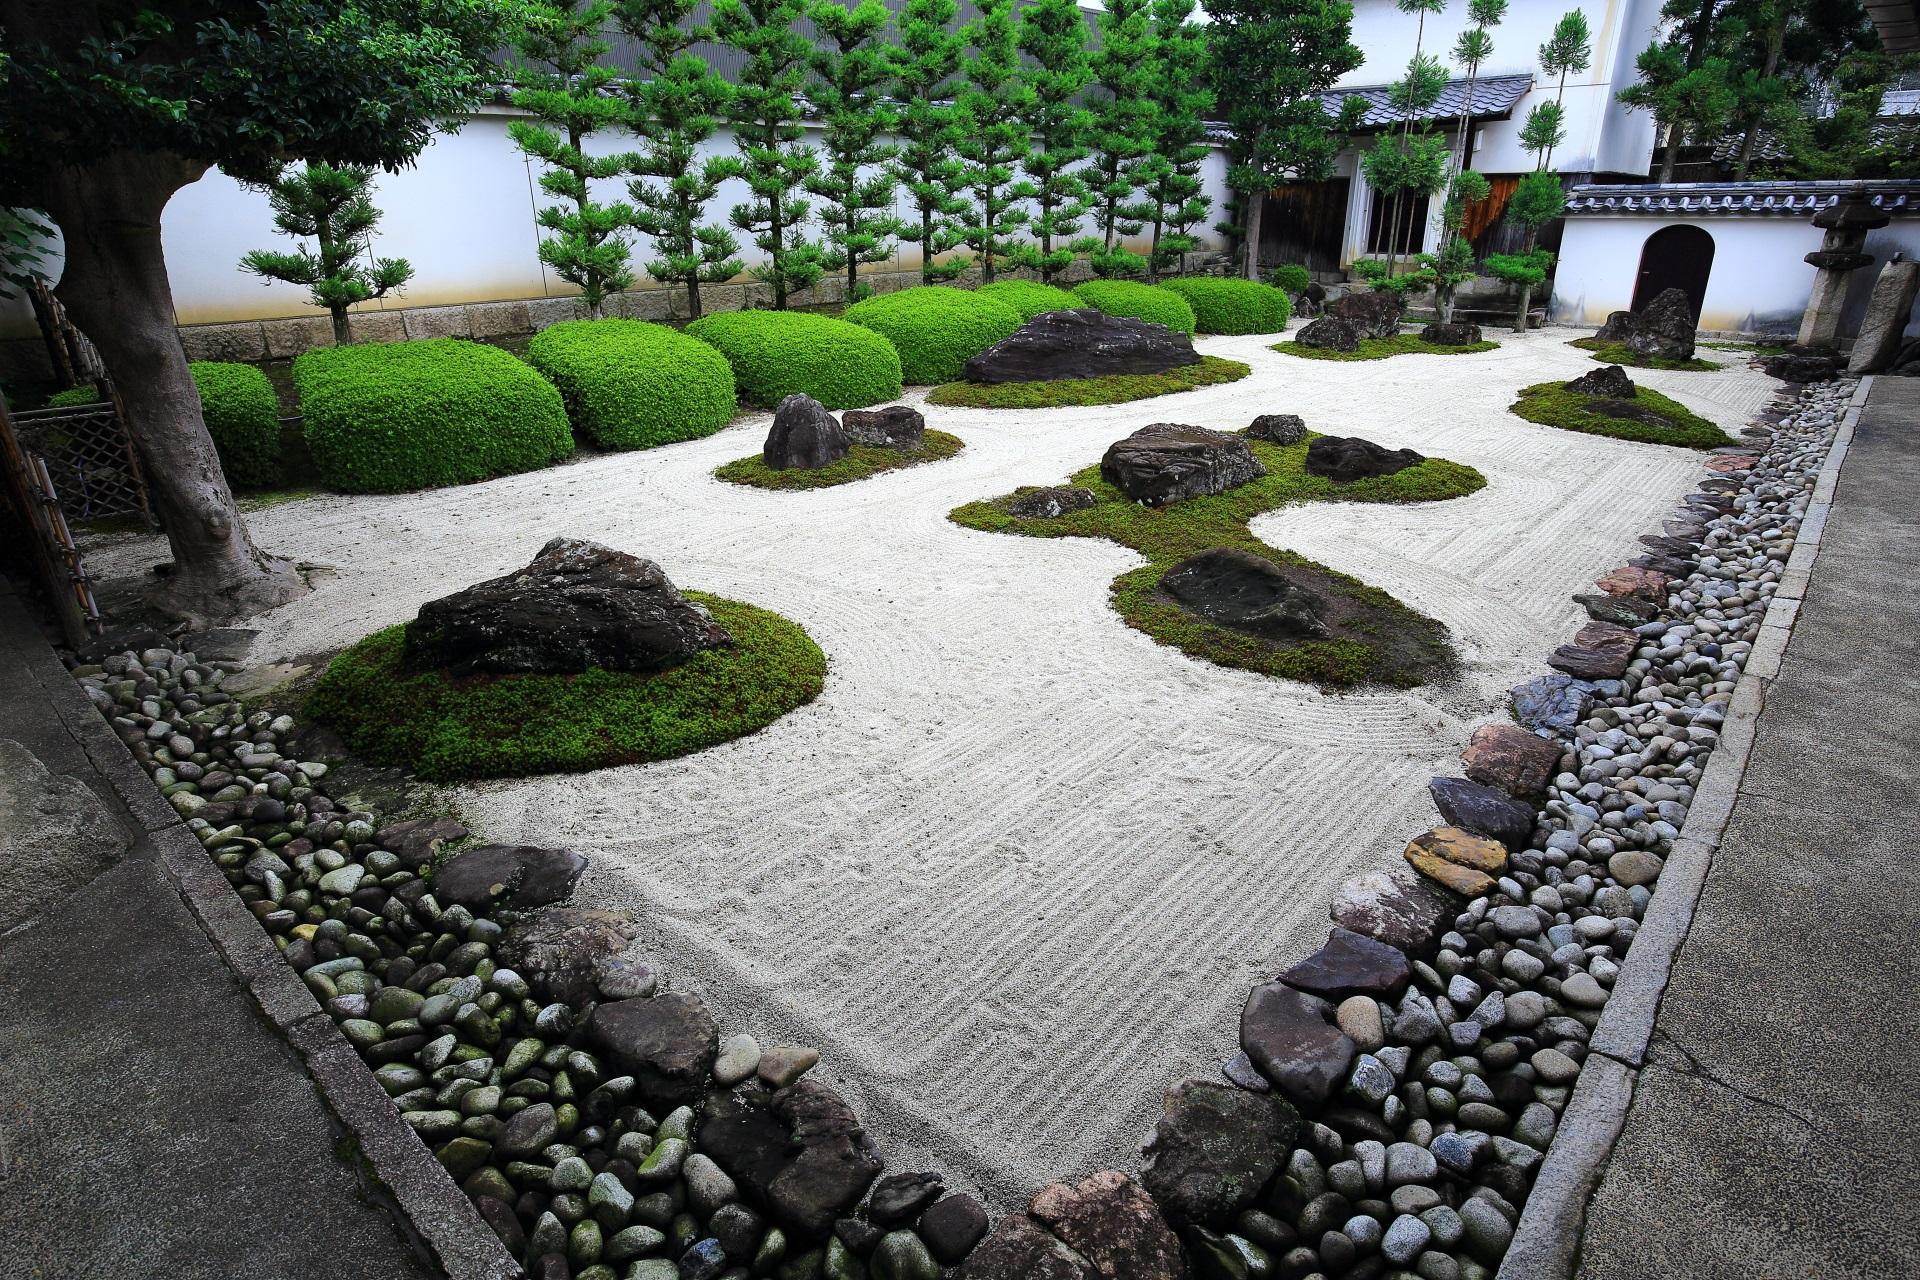 猫の足跡がいっぱいついた妙蓮寺の十六羅漢石庭